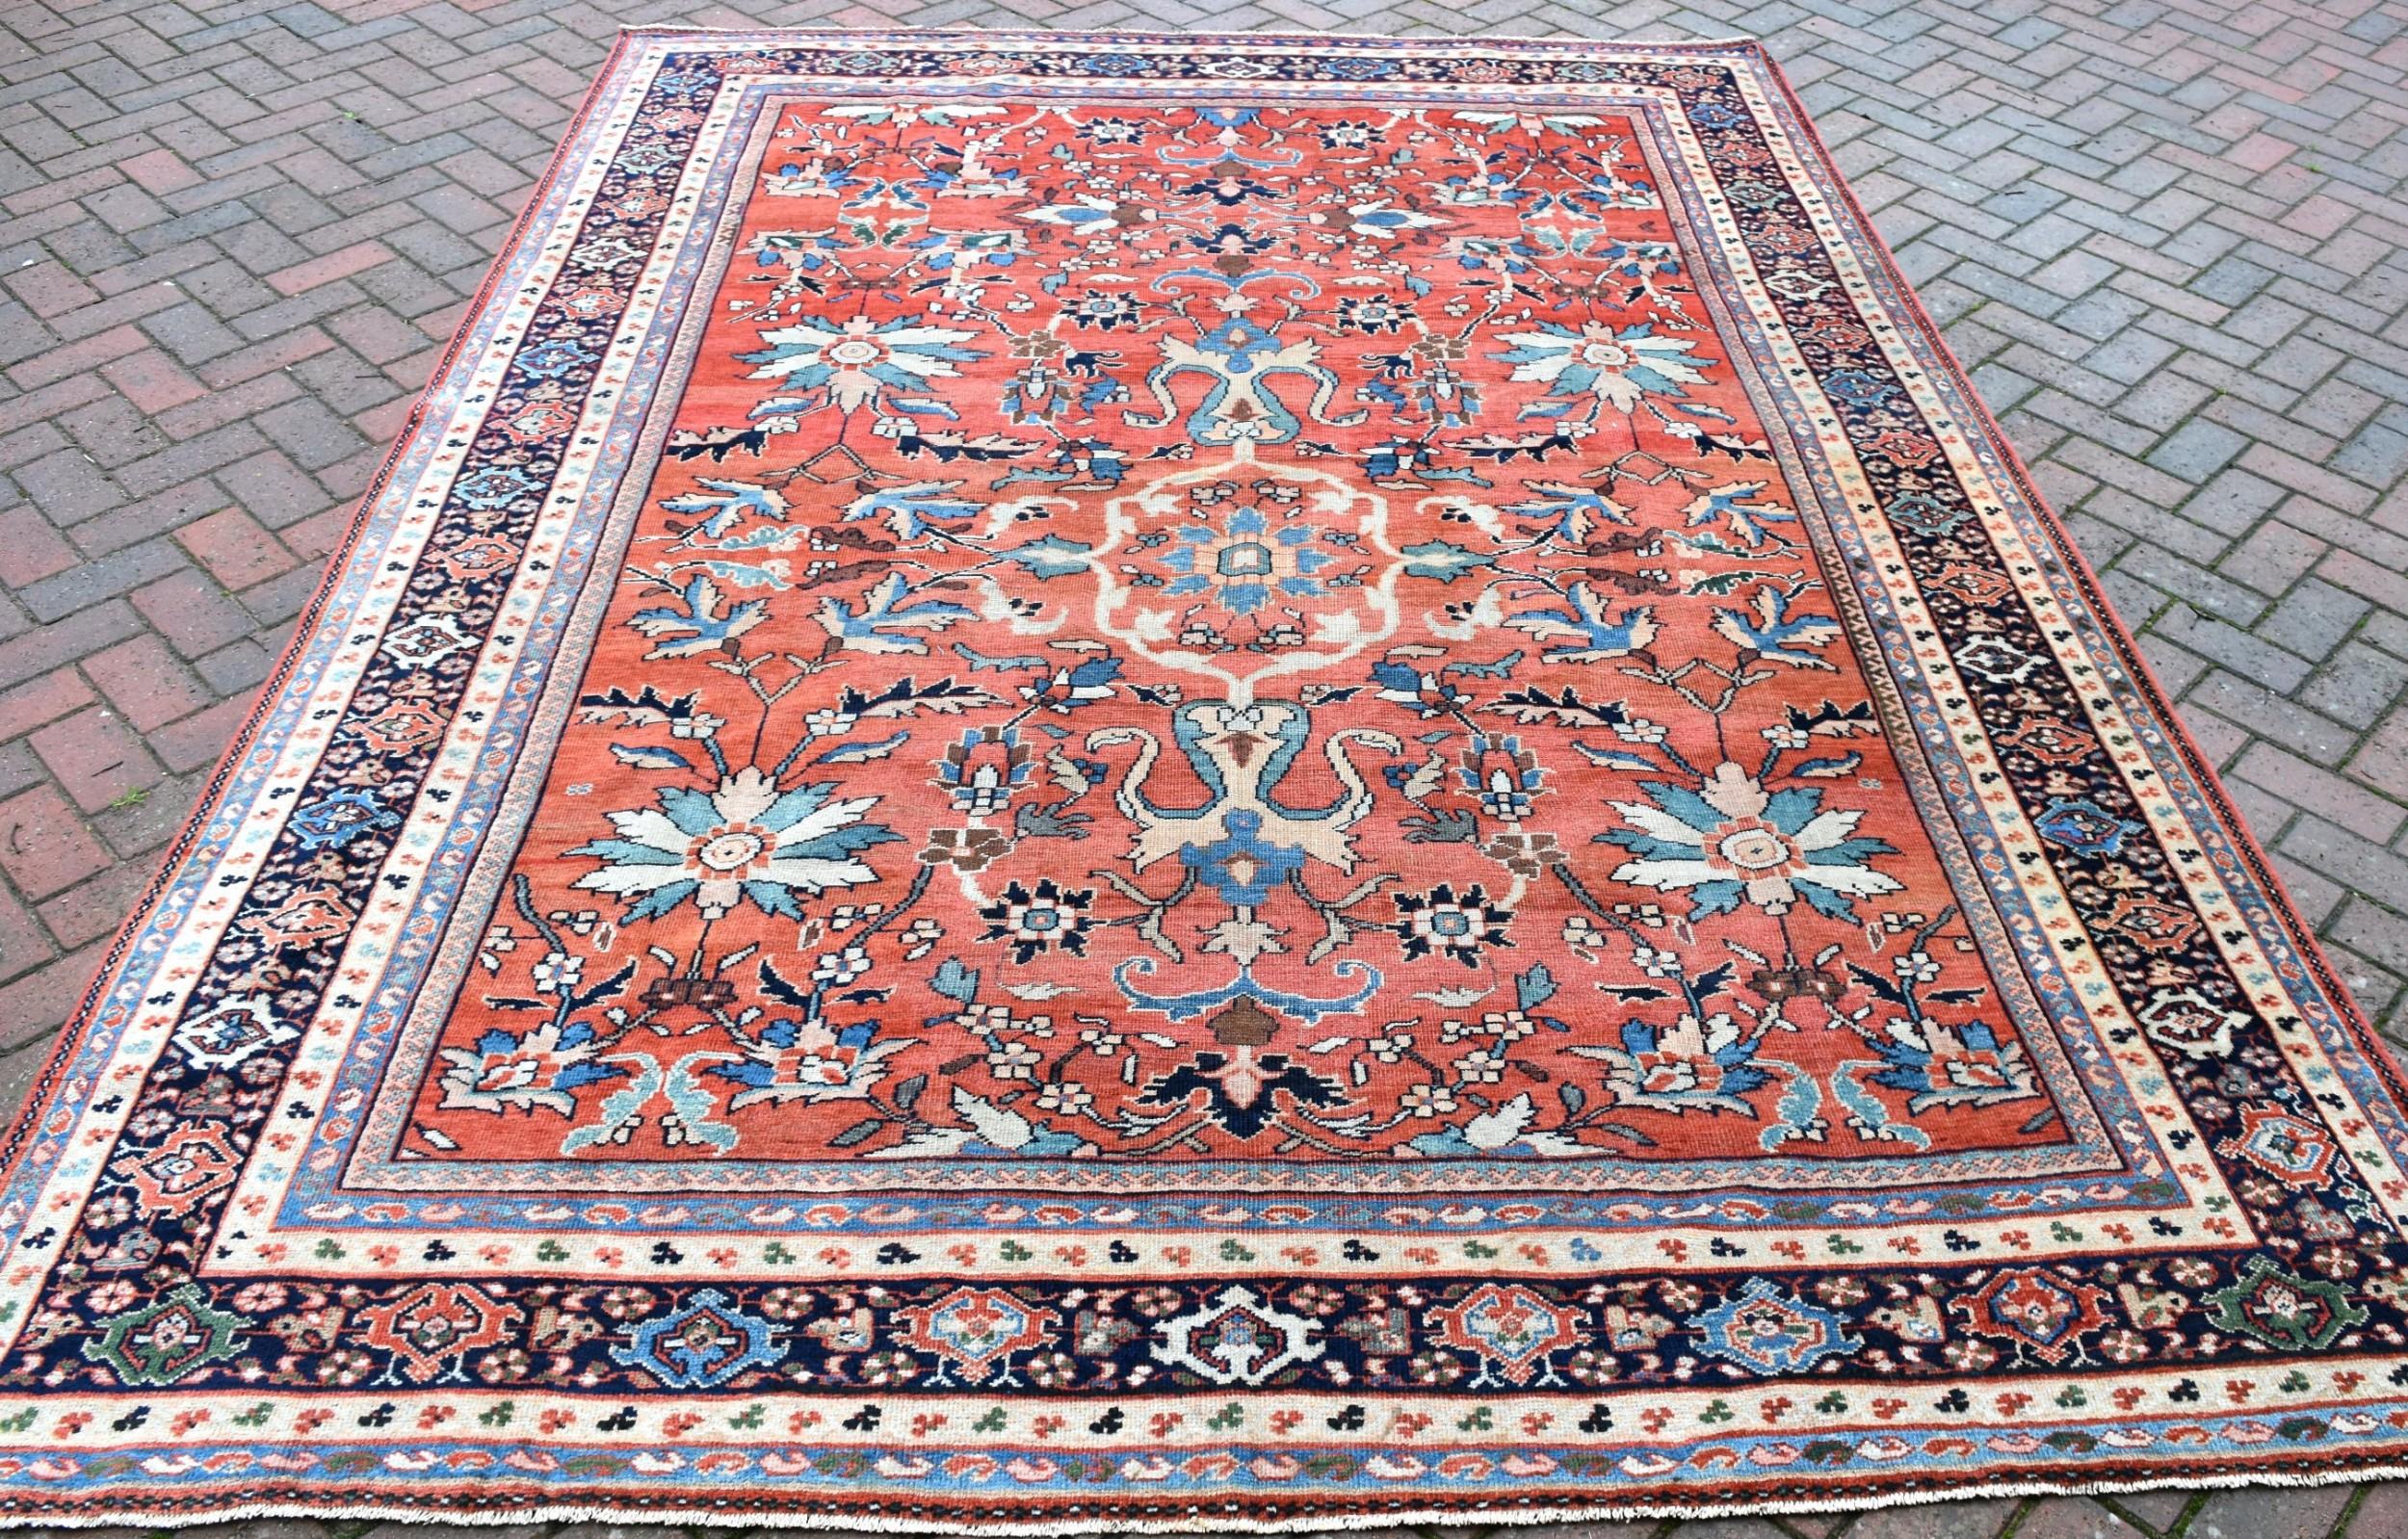 fine antique mahal carpet 378x229cm